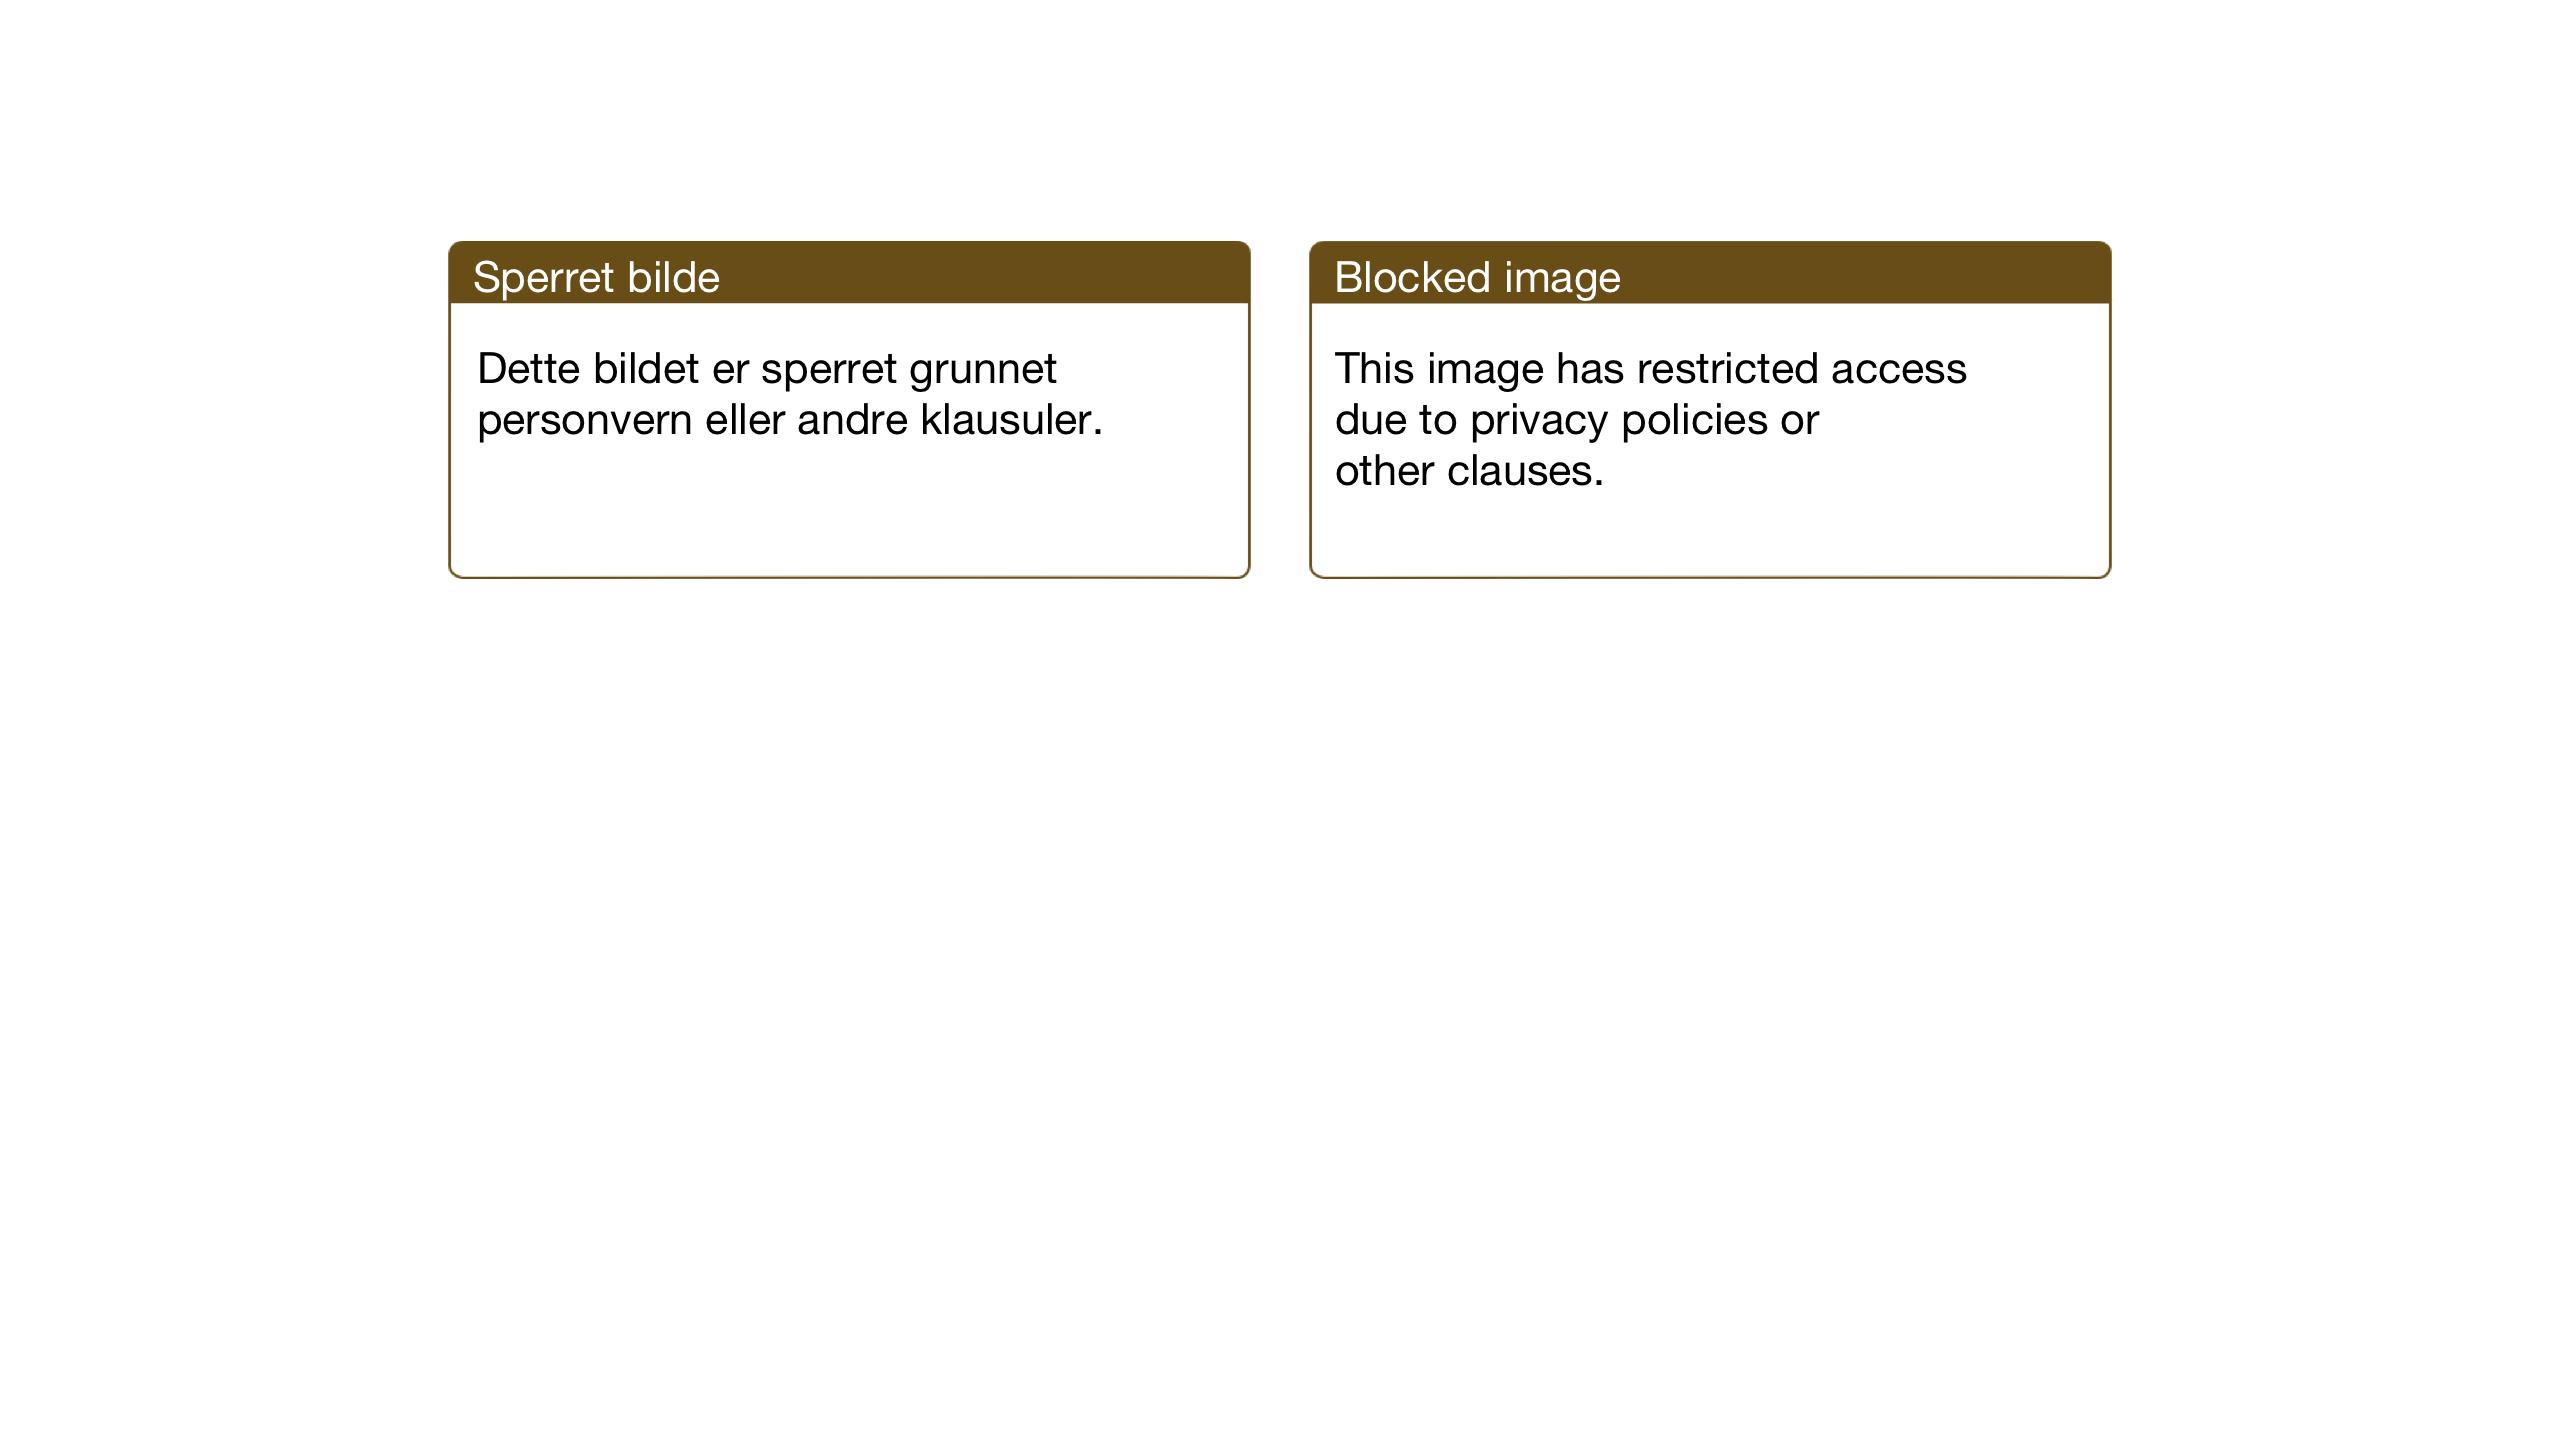 SAT, Ministerialprotokoller, klokkerbøker og fødselsregistre - Sør-Trøndelag, 667/L0799: Klokkerbok nr. 667C04, 1929-1950, s. 51